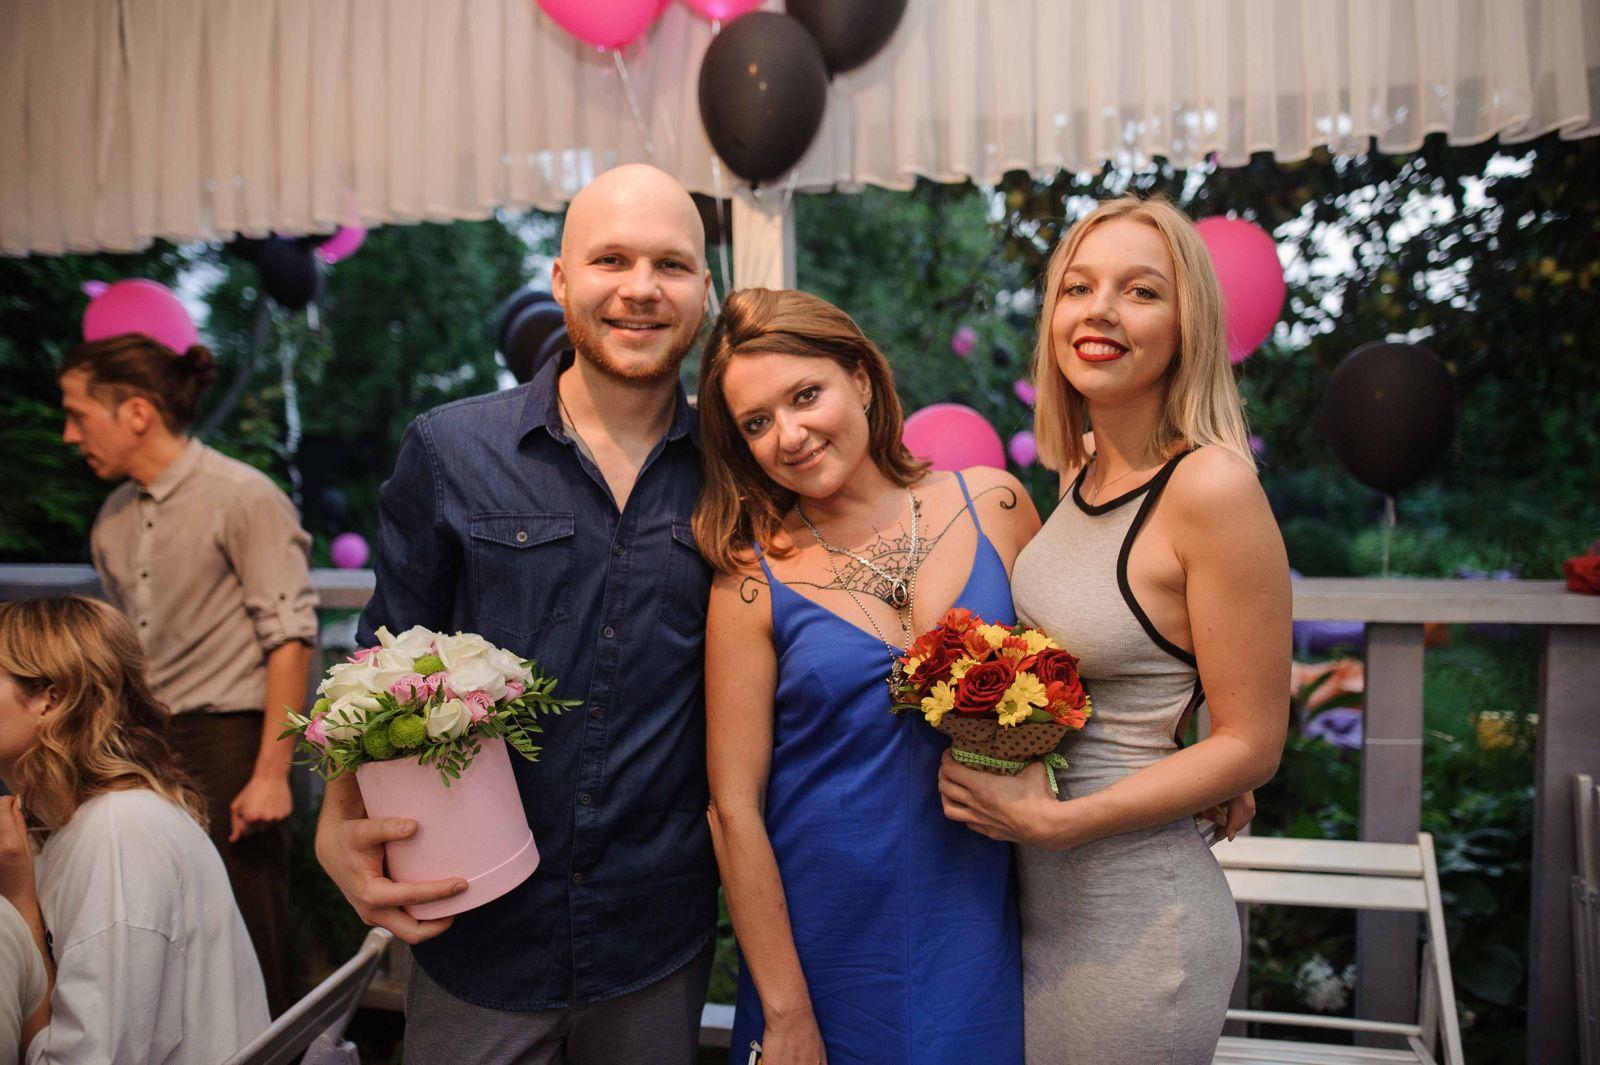 Наталья Могилевская устроила шумную вечеринку у бассейна